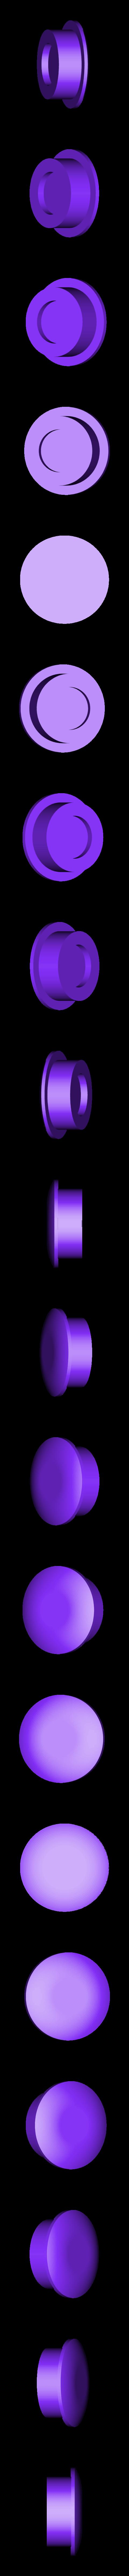 Magnet_Cap_inside_tube_10x1.8mm_v1.stl Télécharger fichier STL gratuit Porte-serviettes en papier GRAB et GO. (Pour montage mural ou sur panneau IKEA !) • Design imprimable en 3D, 3DED